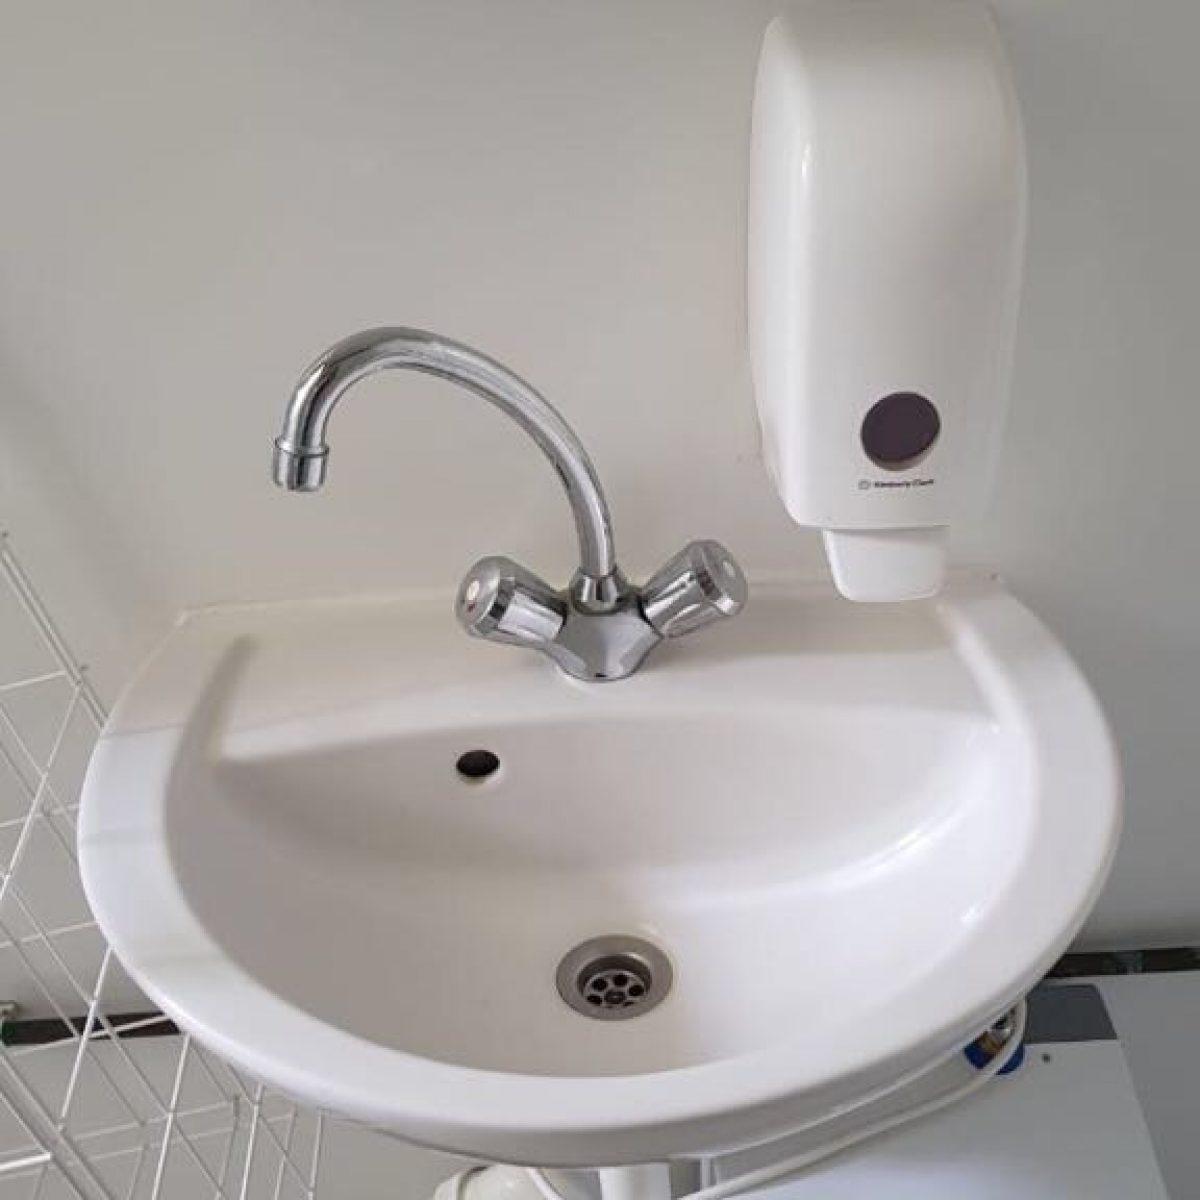 Waschbecken - Nachher